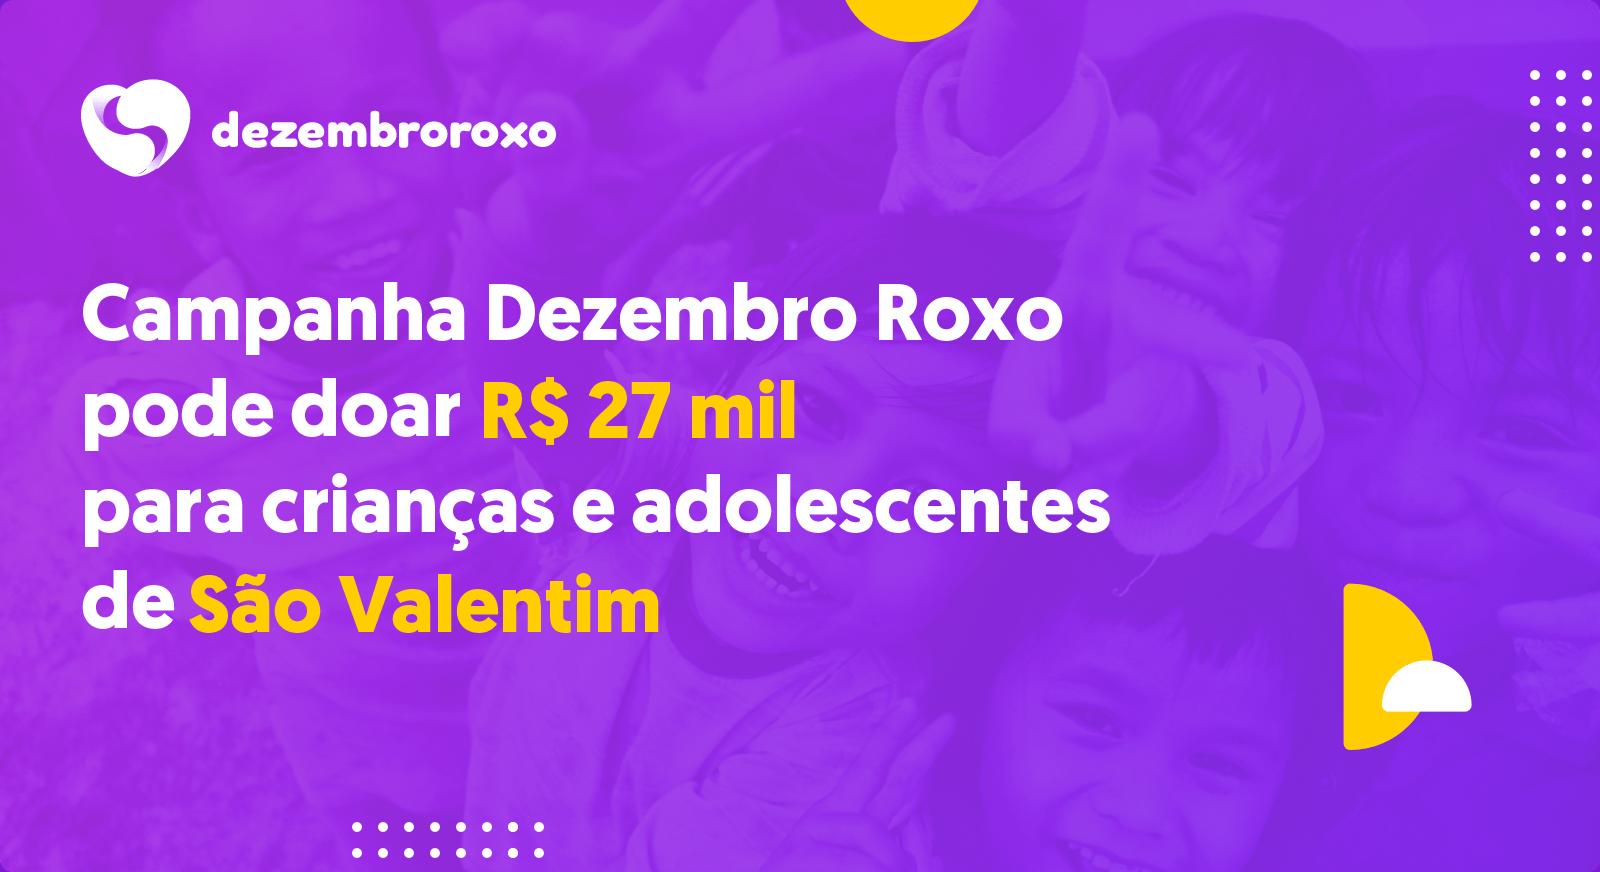 Doações em São Valentim - RS